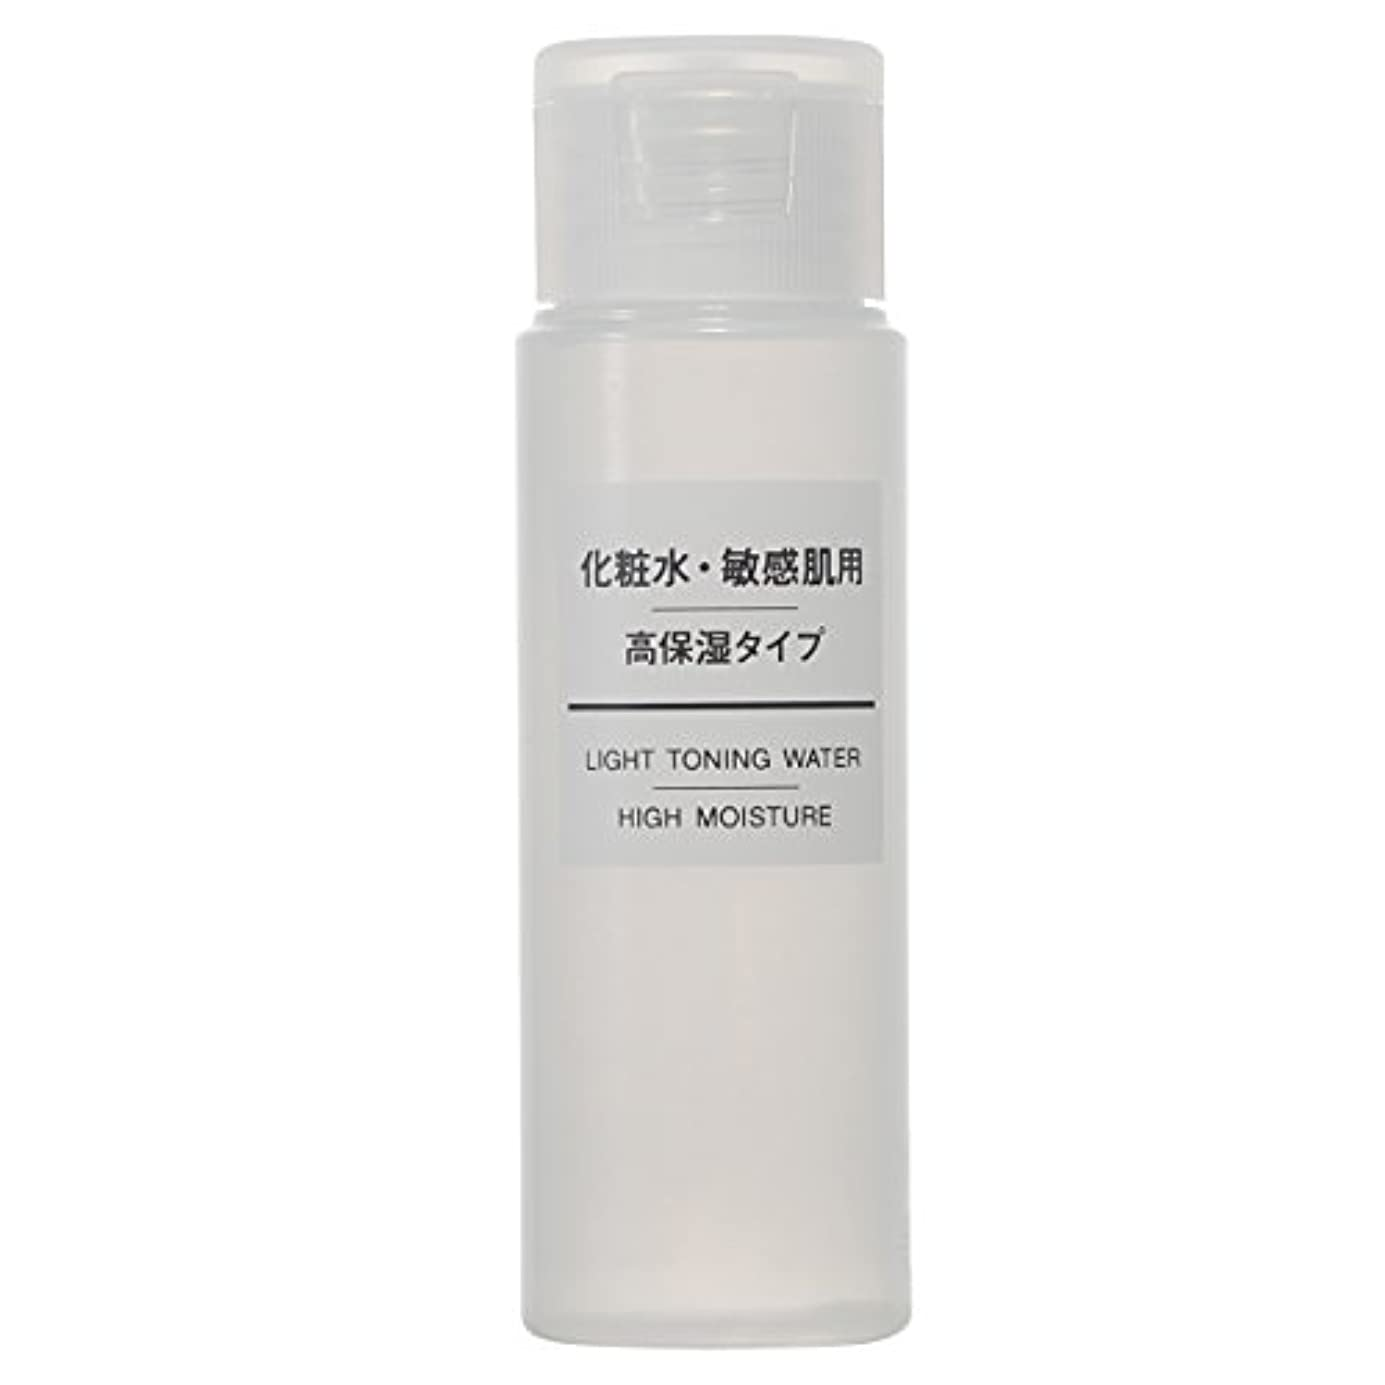 胆嚢減らすメロディアス無印良品 化粧水 敏感肌用 高保湿タイプ(携帯用) 50ml